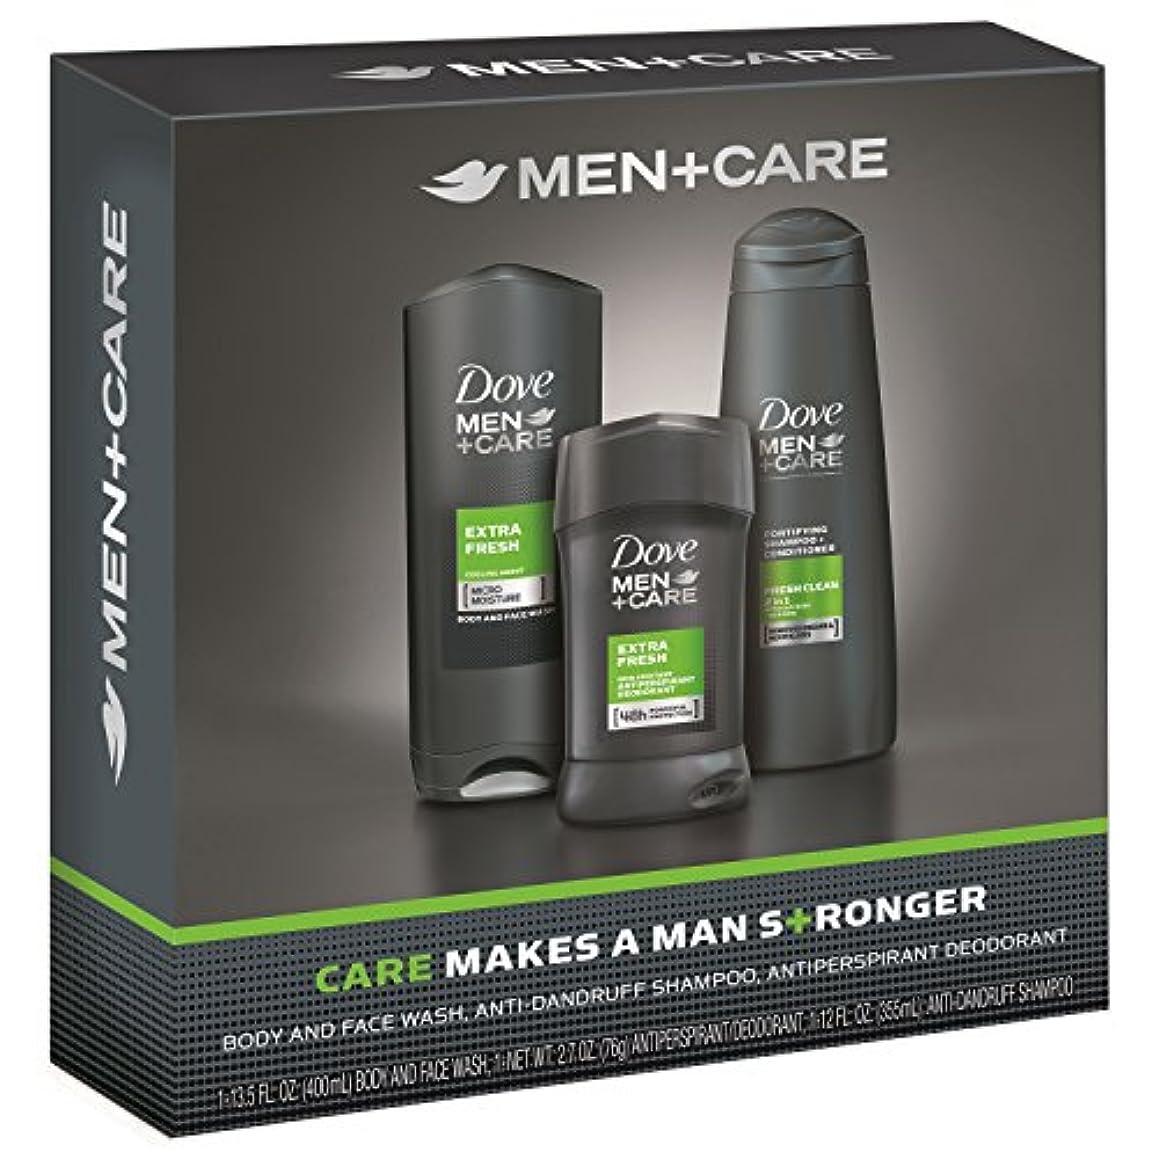 準拠白内障匿名Dove Men+Care Gift Pack Extra Fresh ダブ メンプラスケア ギフトパック エクストラフレッシュ